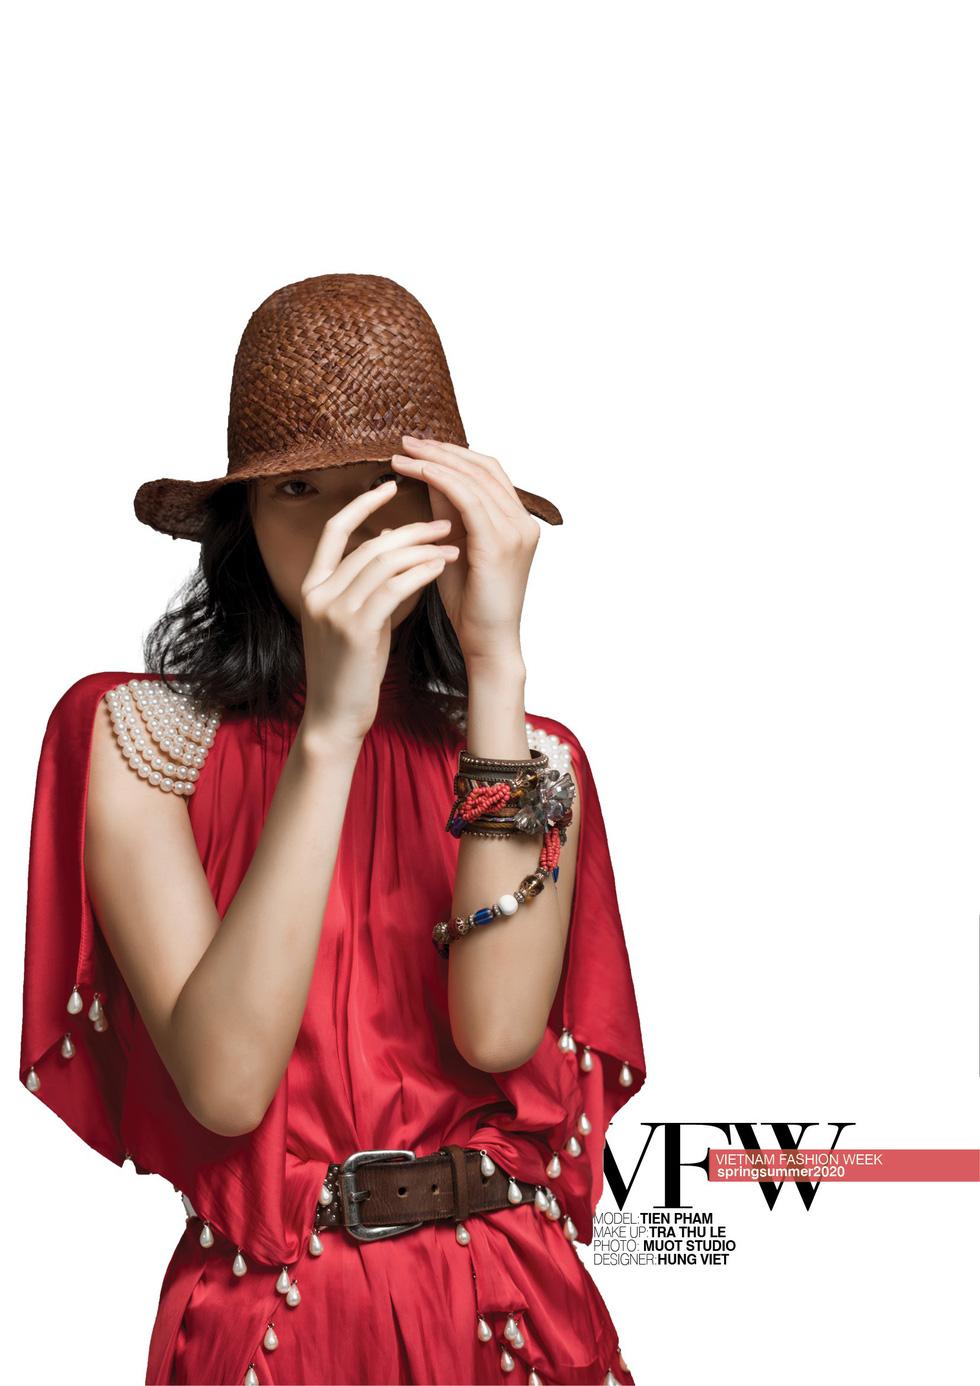 NTK Minh Hạnh: Sao phải đợi Louis Vuitton, ta mới thấy Việt Nam mình đẹp! - Ảnh 10.